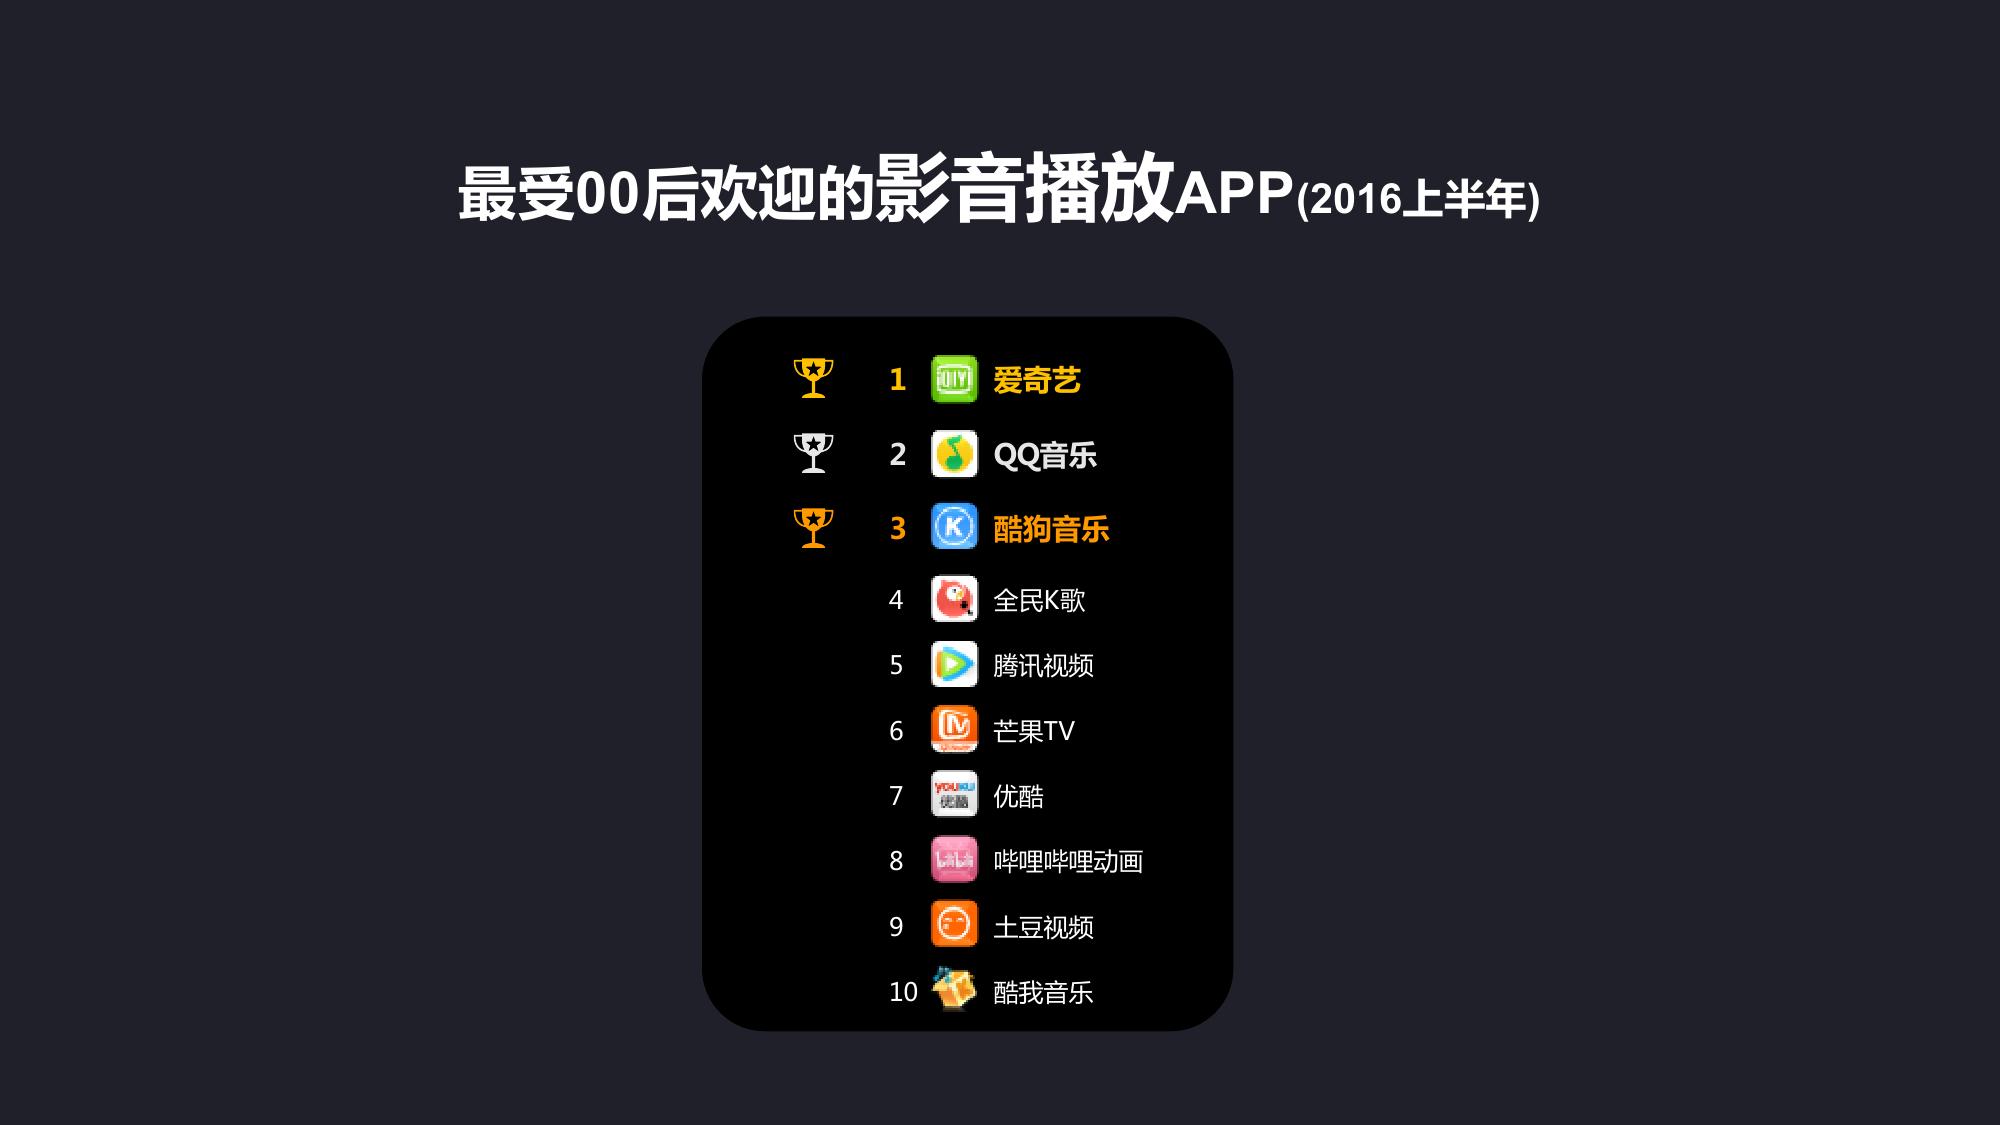 00后智能手机及APP使用习惯研究报告_000032